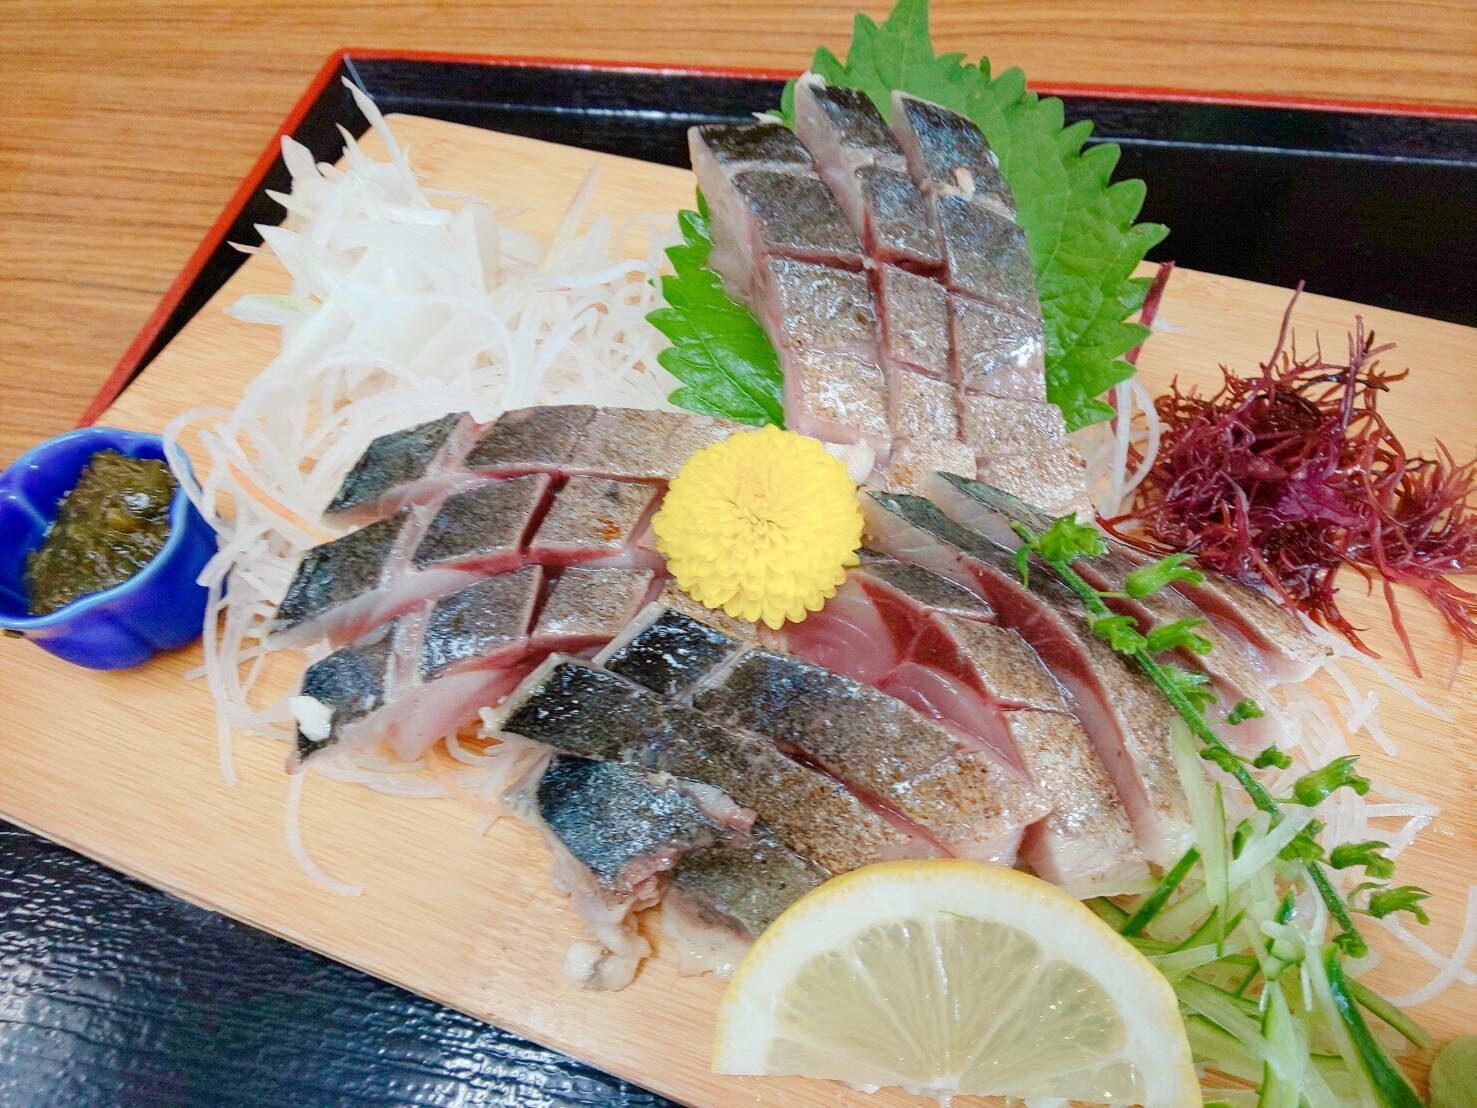 メニュー – 地魚料理 松輪 Matsuwa まつわ 神奈川県三浦市 松輪 江奈漁港内